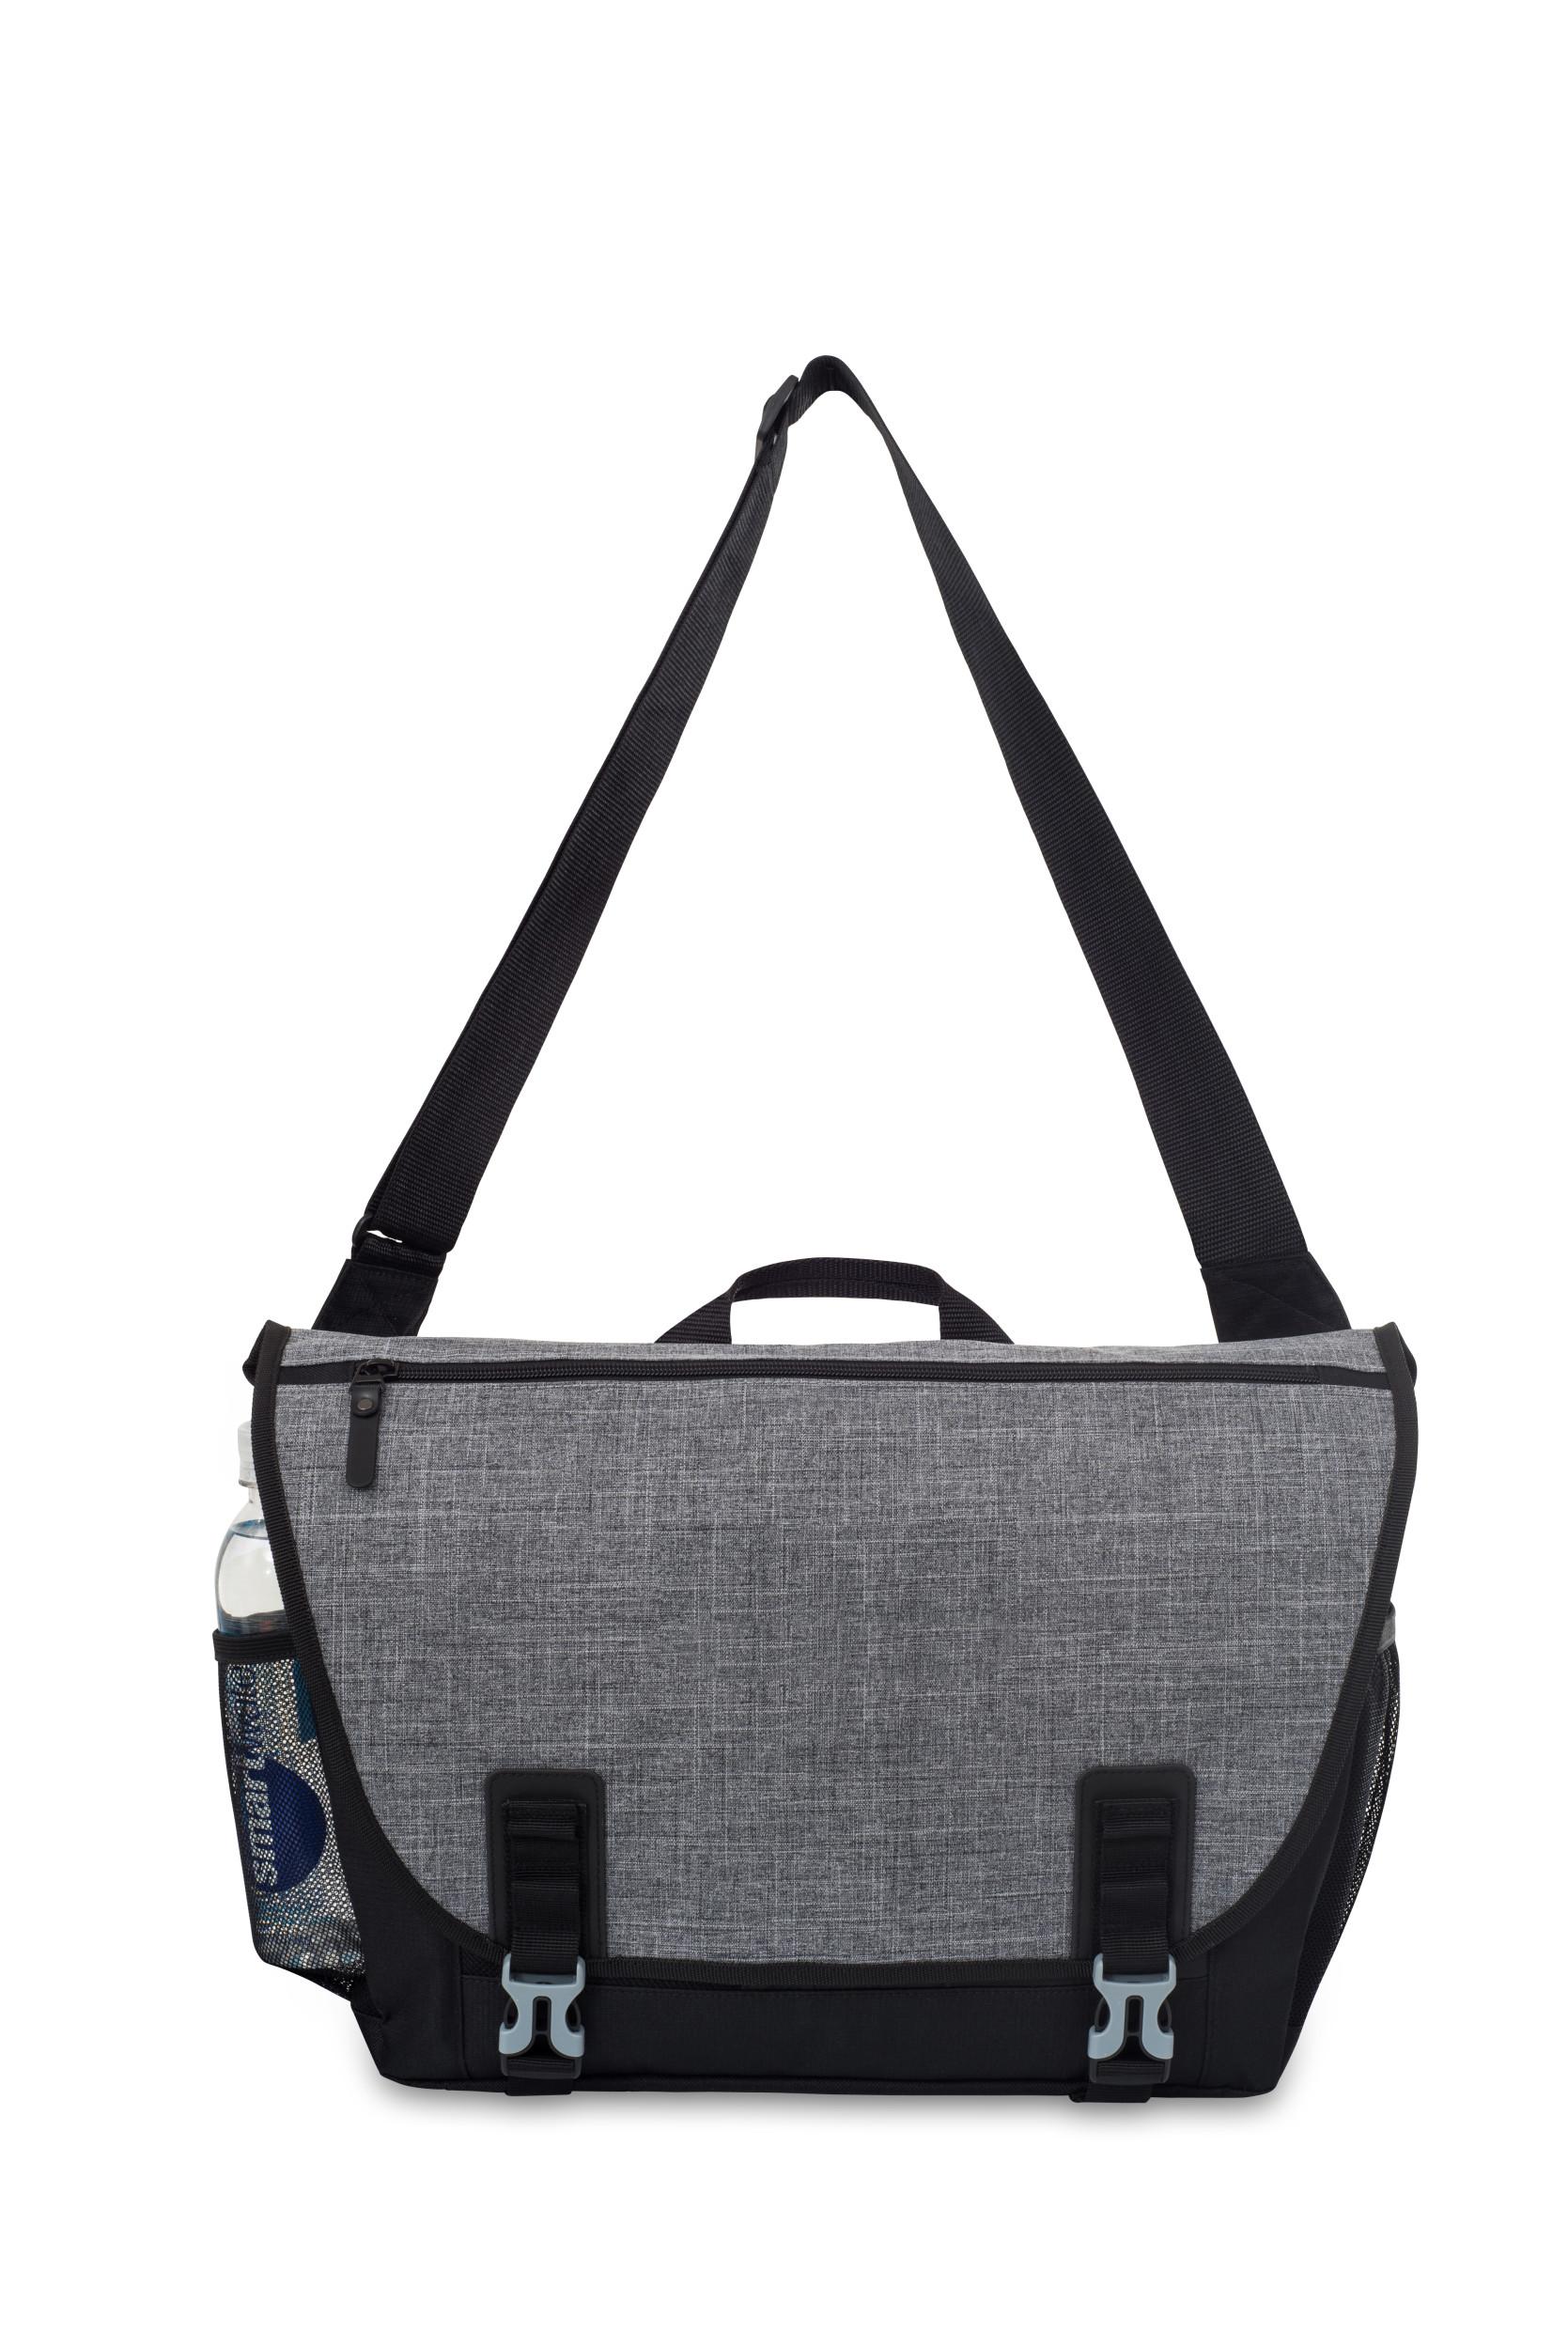 Gemline 2165 - Nova Computer Messenger Bag